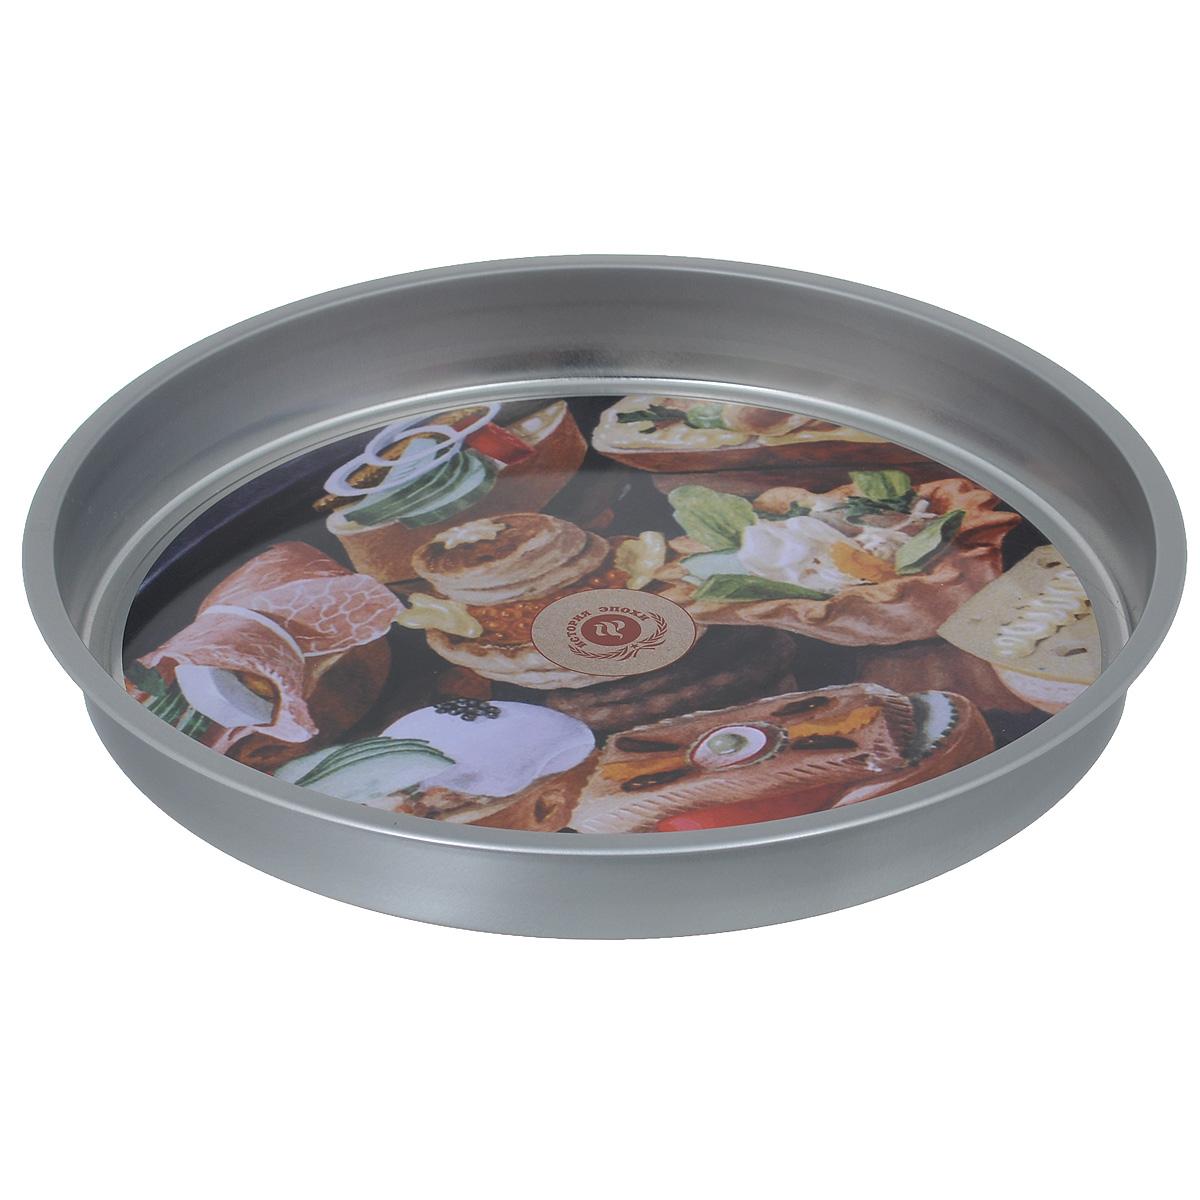 Поднос Феникс-Презент Бутерброды, диаметр 33 см115510Поднос Феникс-Презент Бутерброды изготовлен из металла и оснащен высокими бортиками. Внутри поднос оформлен рисунком с изображением бутербродов. Поднос может использоваться как для сервировки, так и для декора кухни. Такой поднос стильно дополнит любой кухонный интерьер, добавив немного ретро в окружающую обстановку. Внутренний диаметр подноса: 31 см. Высота бортиков: 4 см.